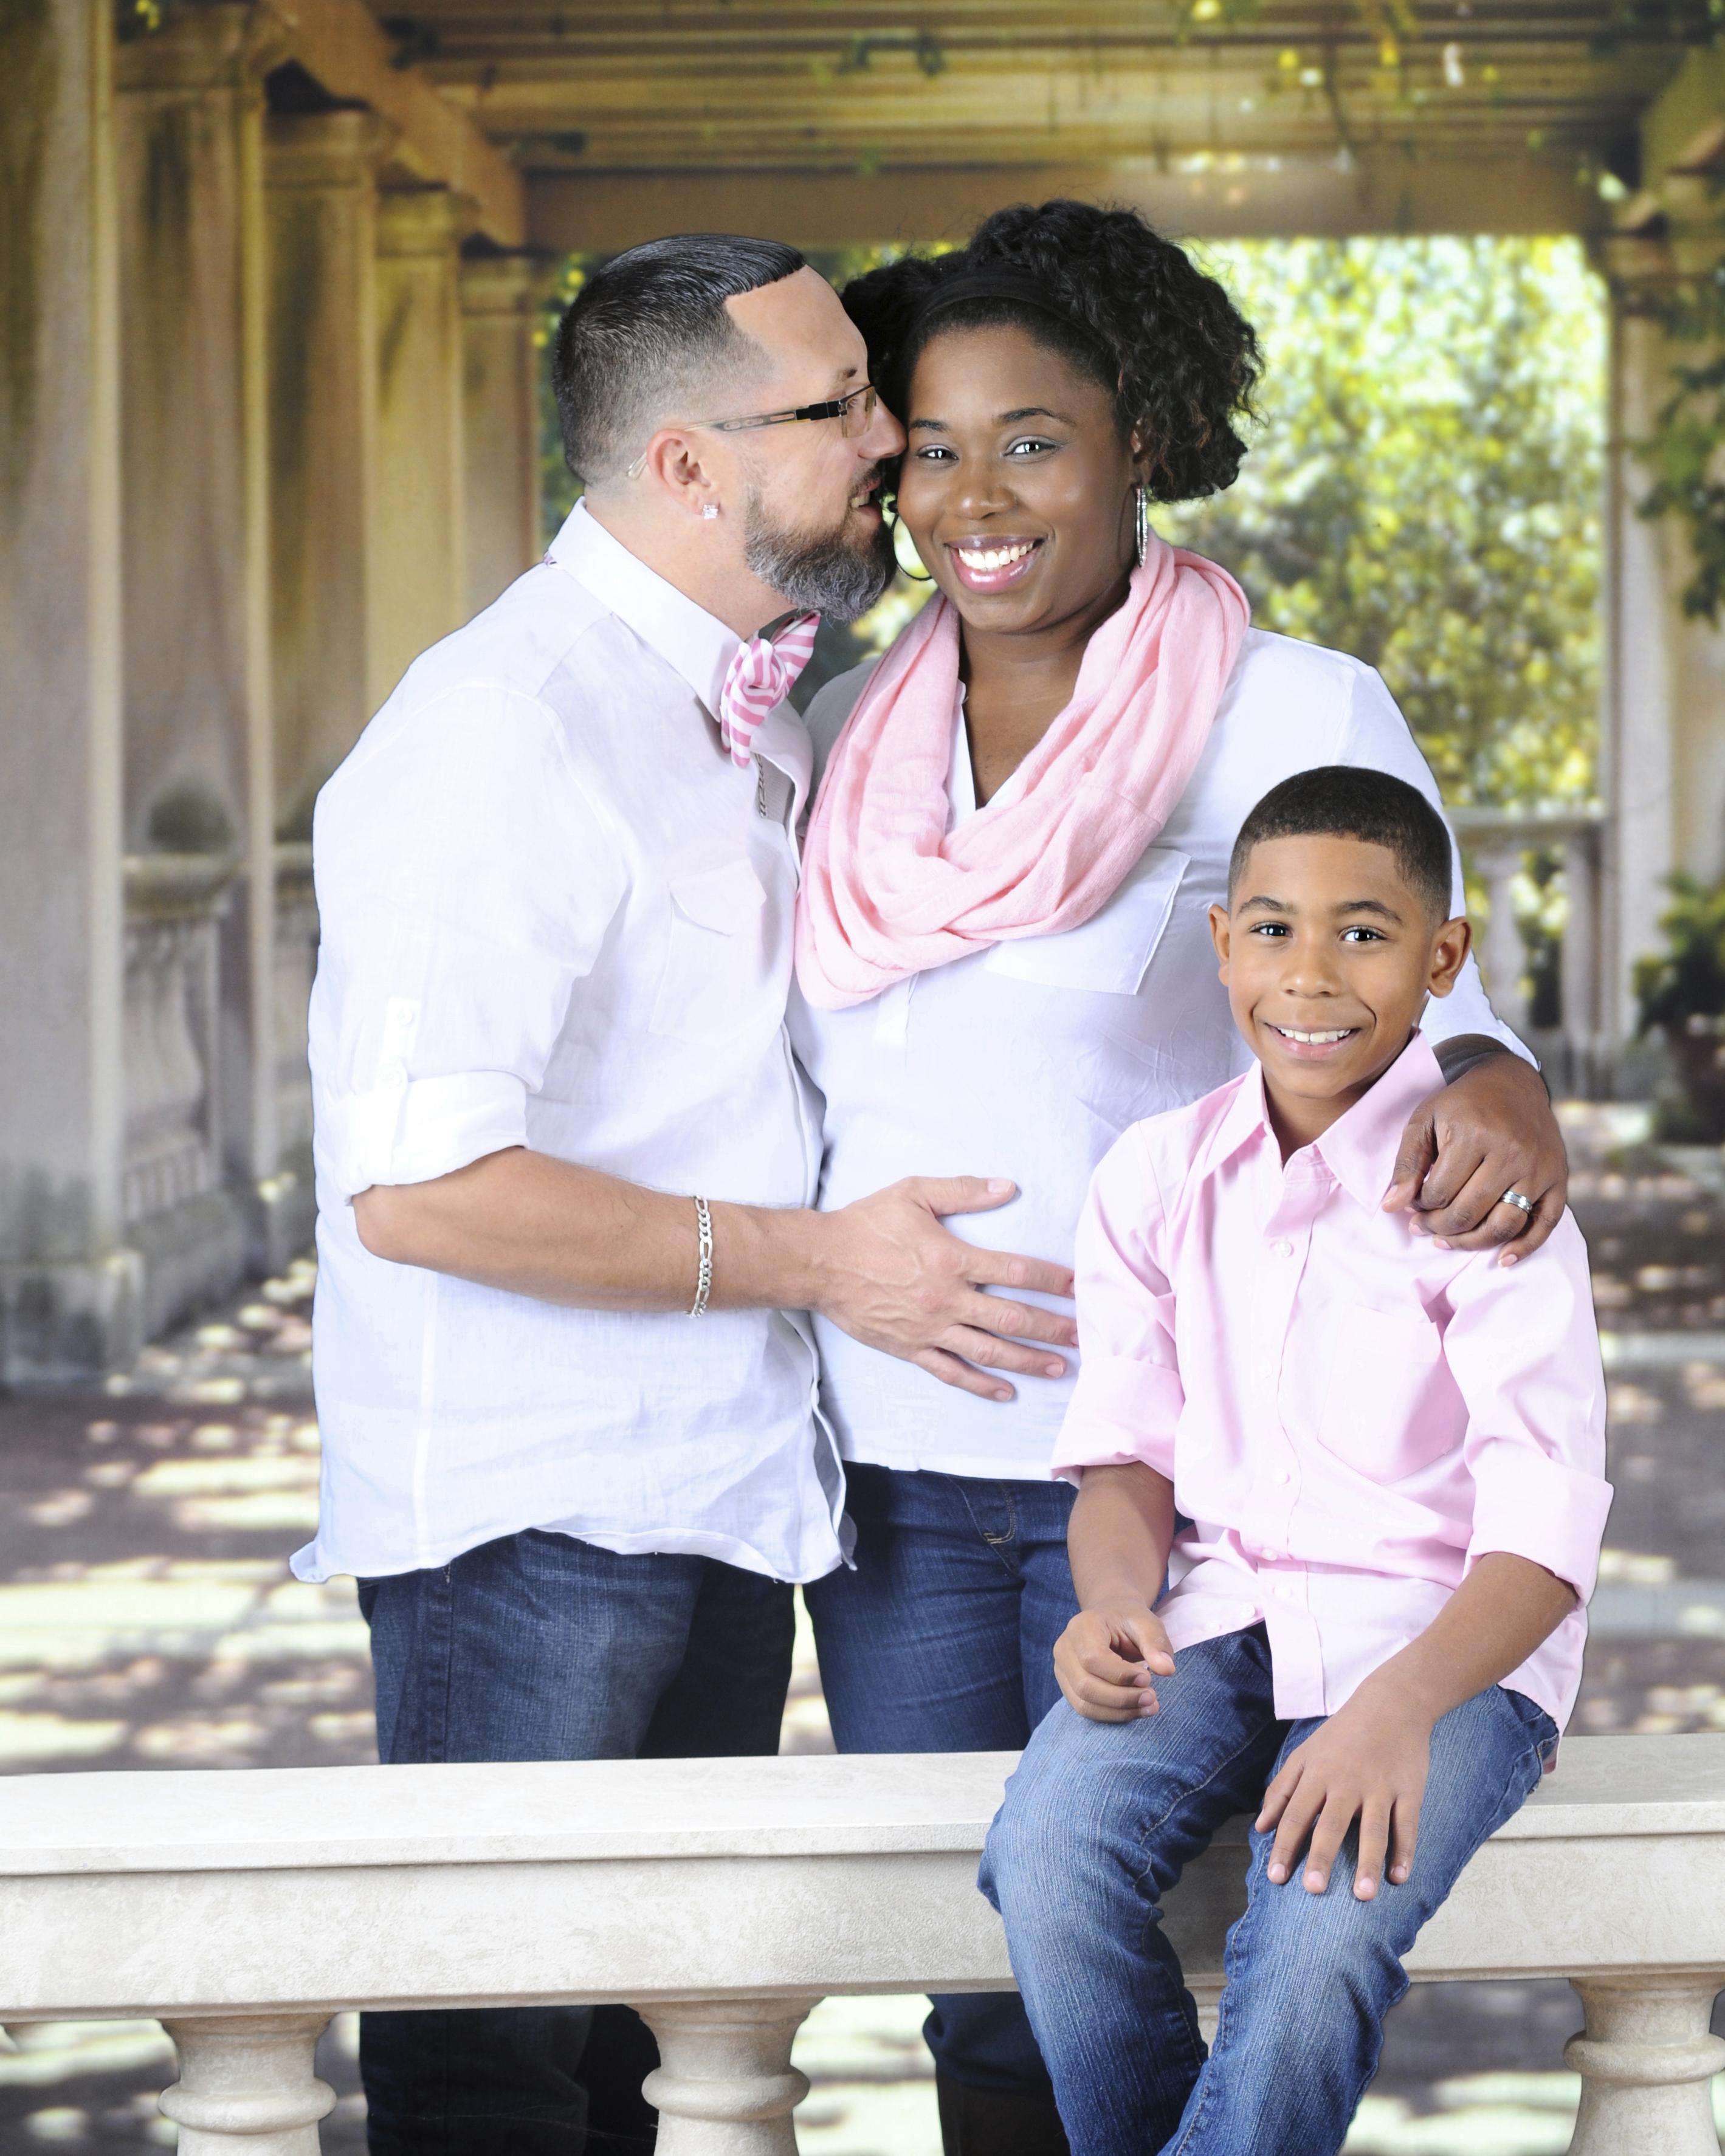 Adjusting to Adoption